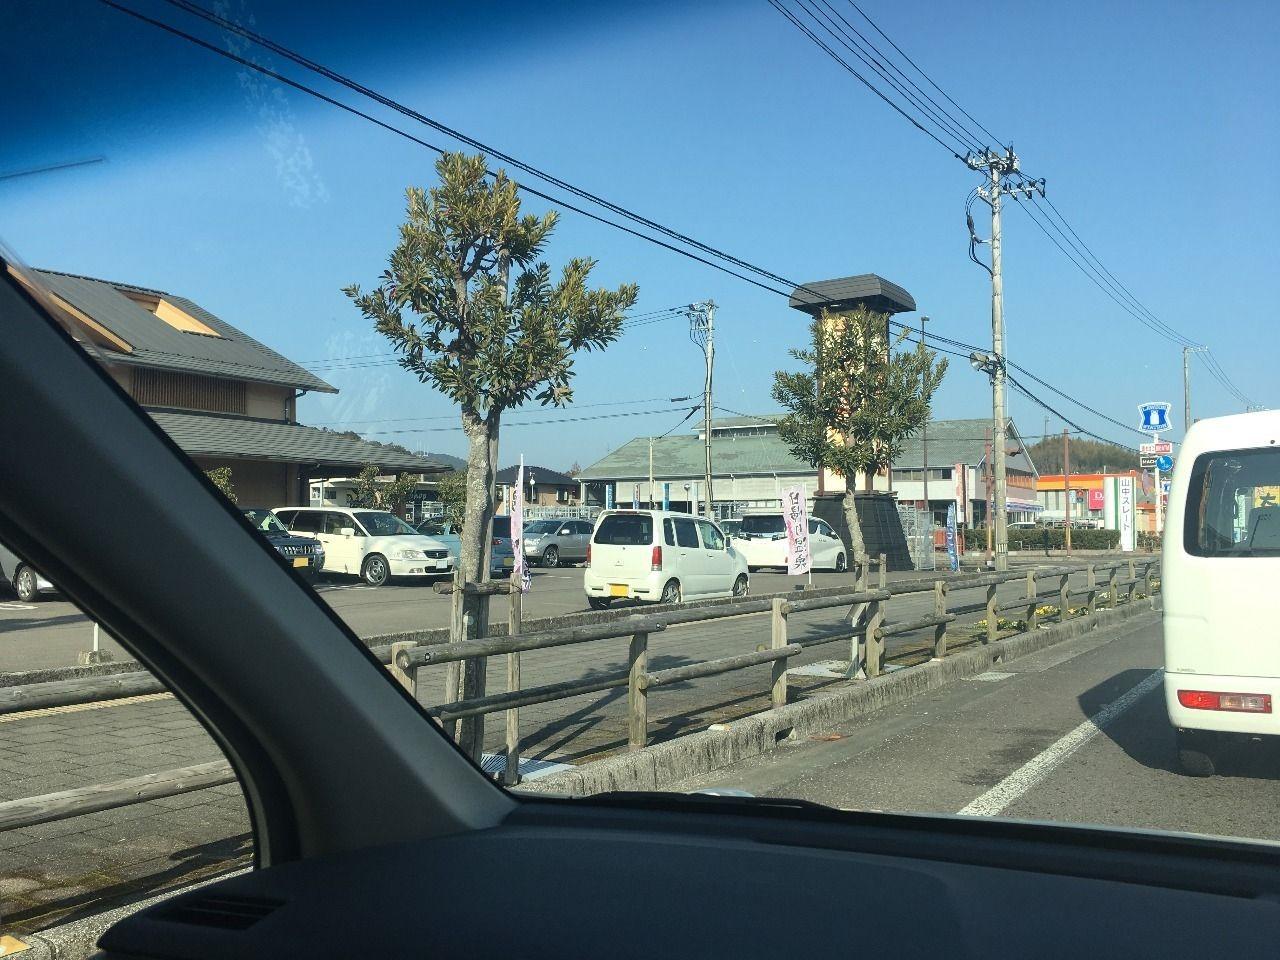 古津賀の街路樹を信号待ちでパシャリ